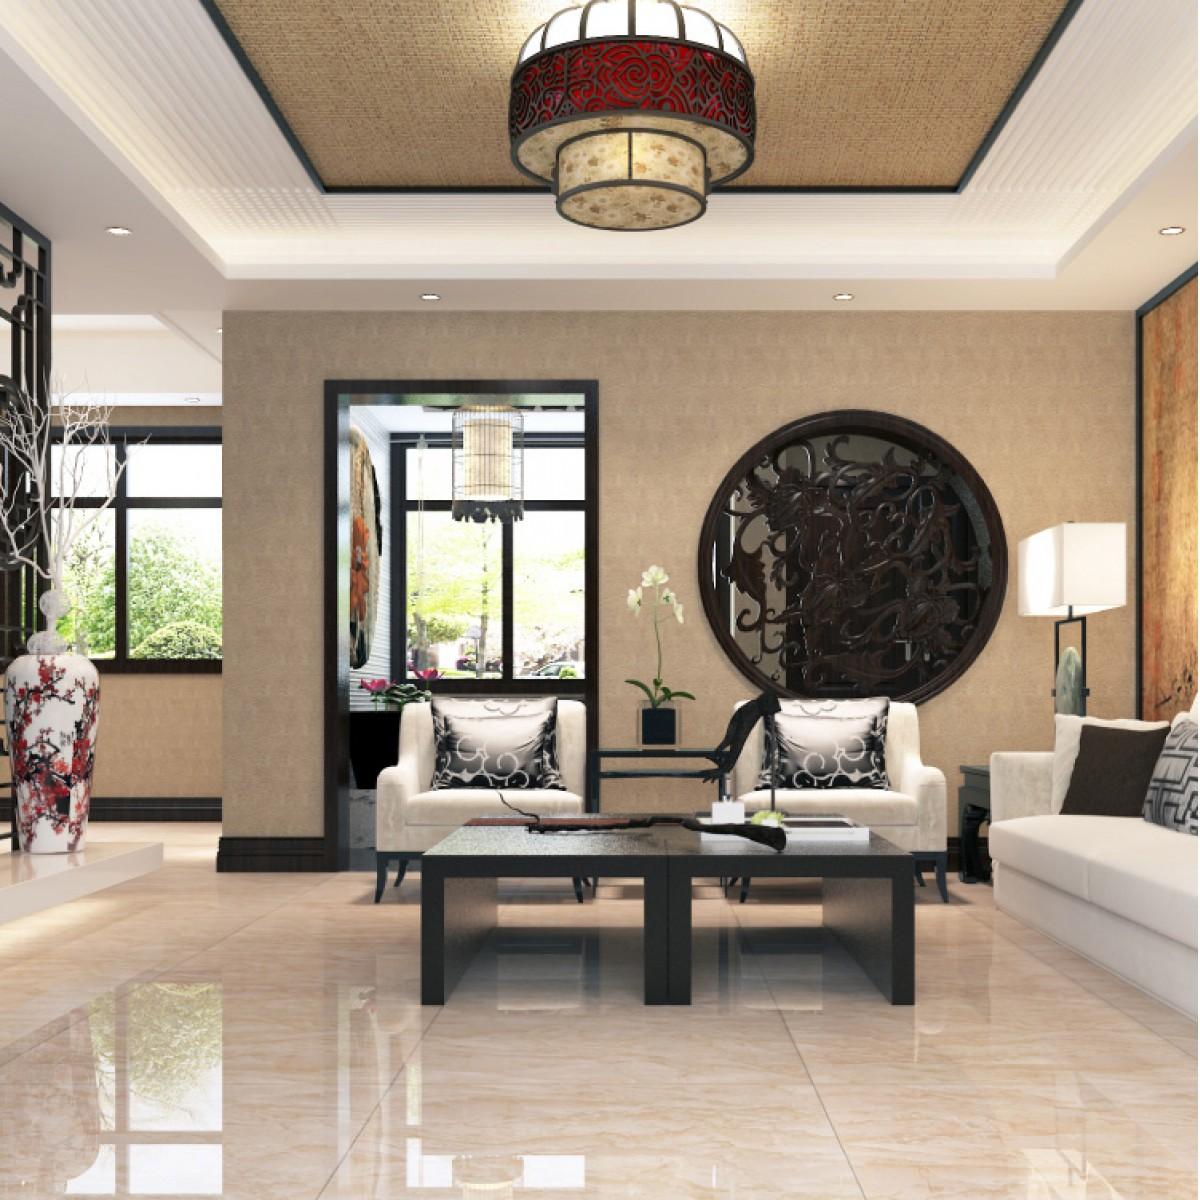 东鹏瓷砖800*800抛釉砖阿曼米黄室内地面瓷砖